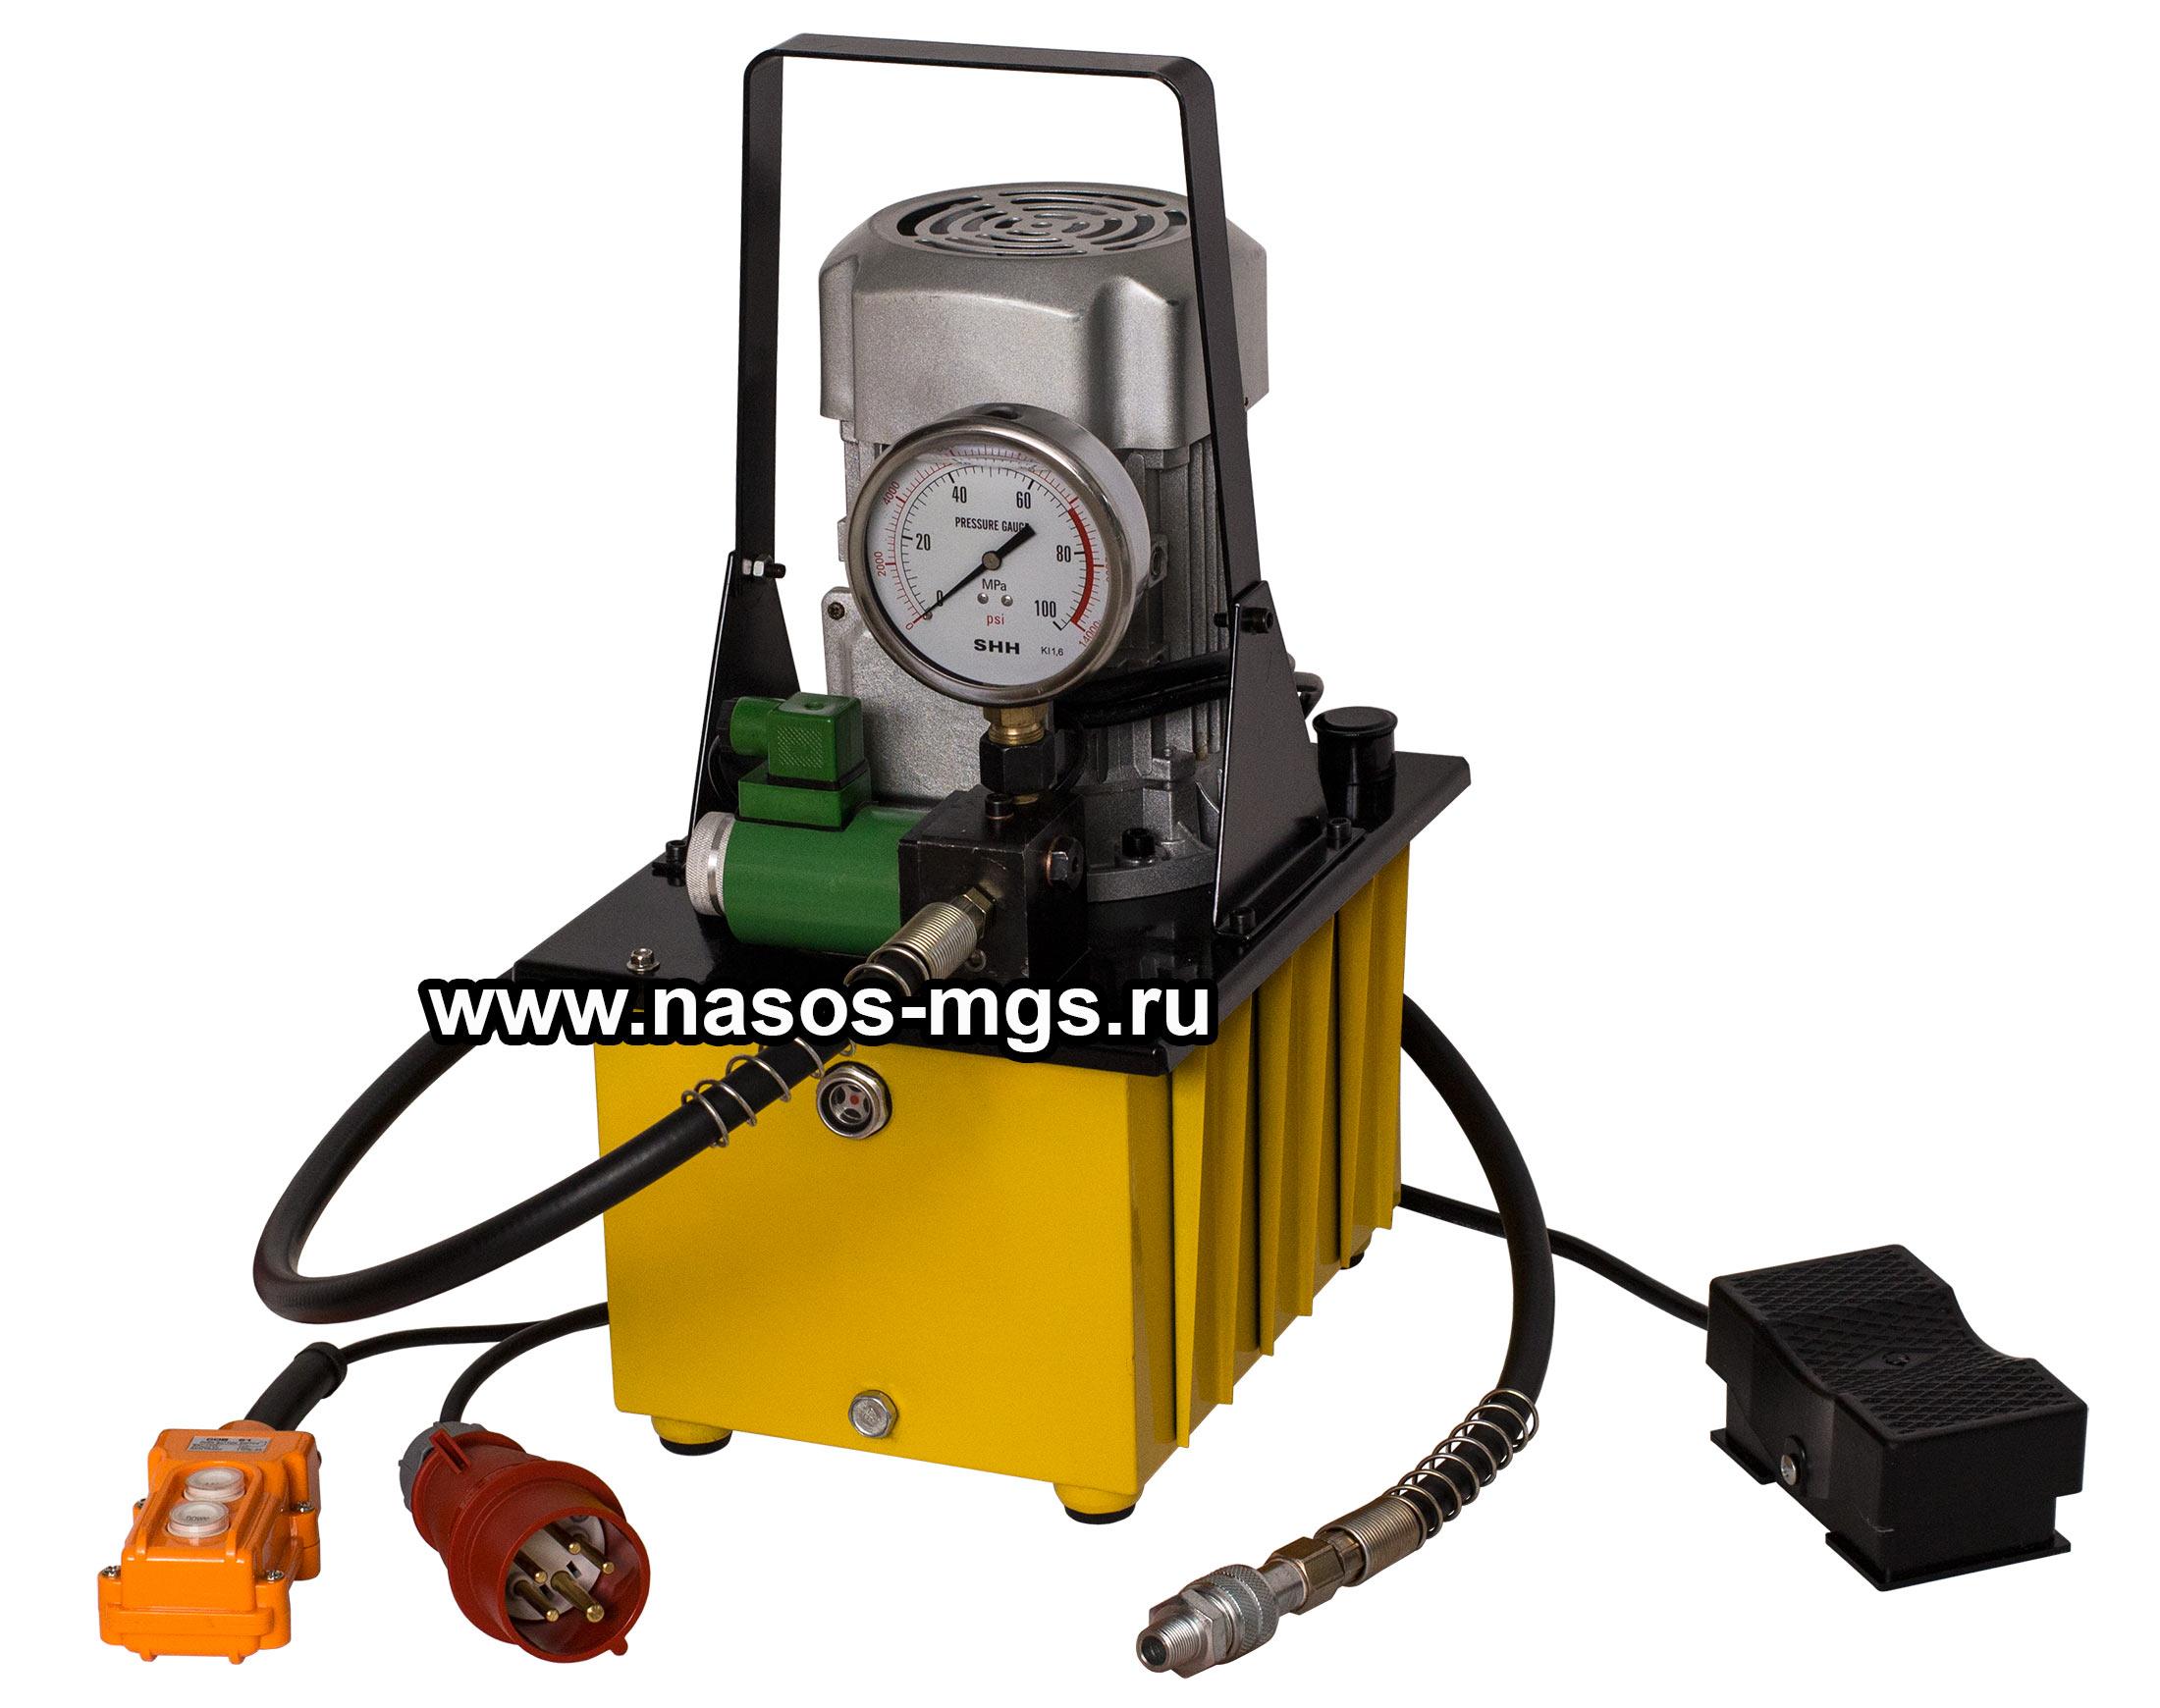 Гидростанции высокого давления с электроприводом, мобильные гидростанции Маслостанции